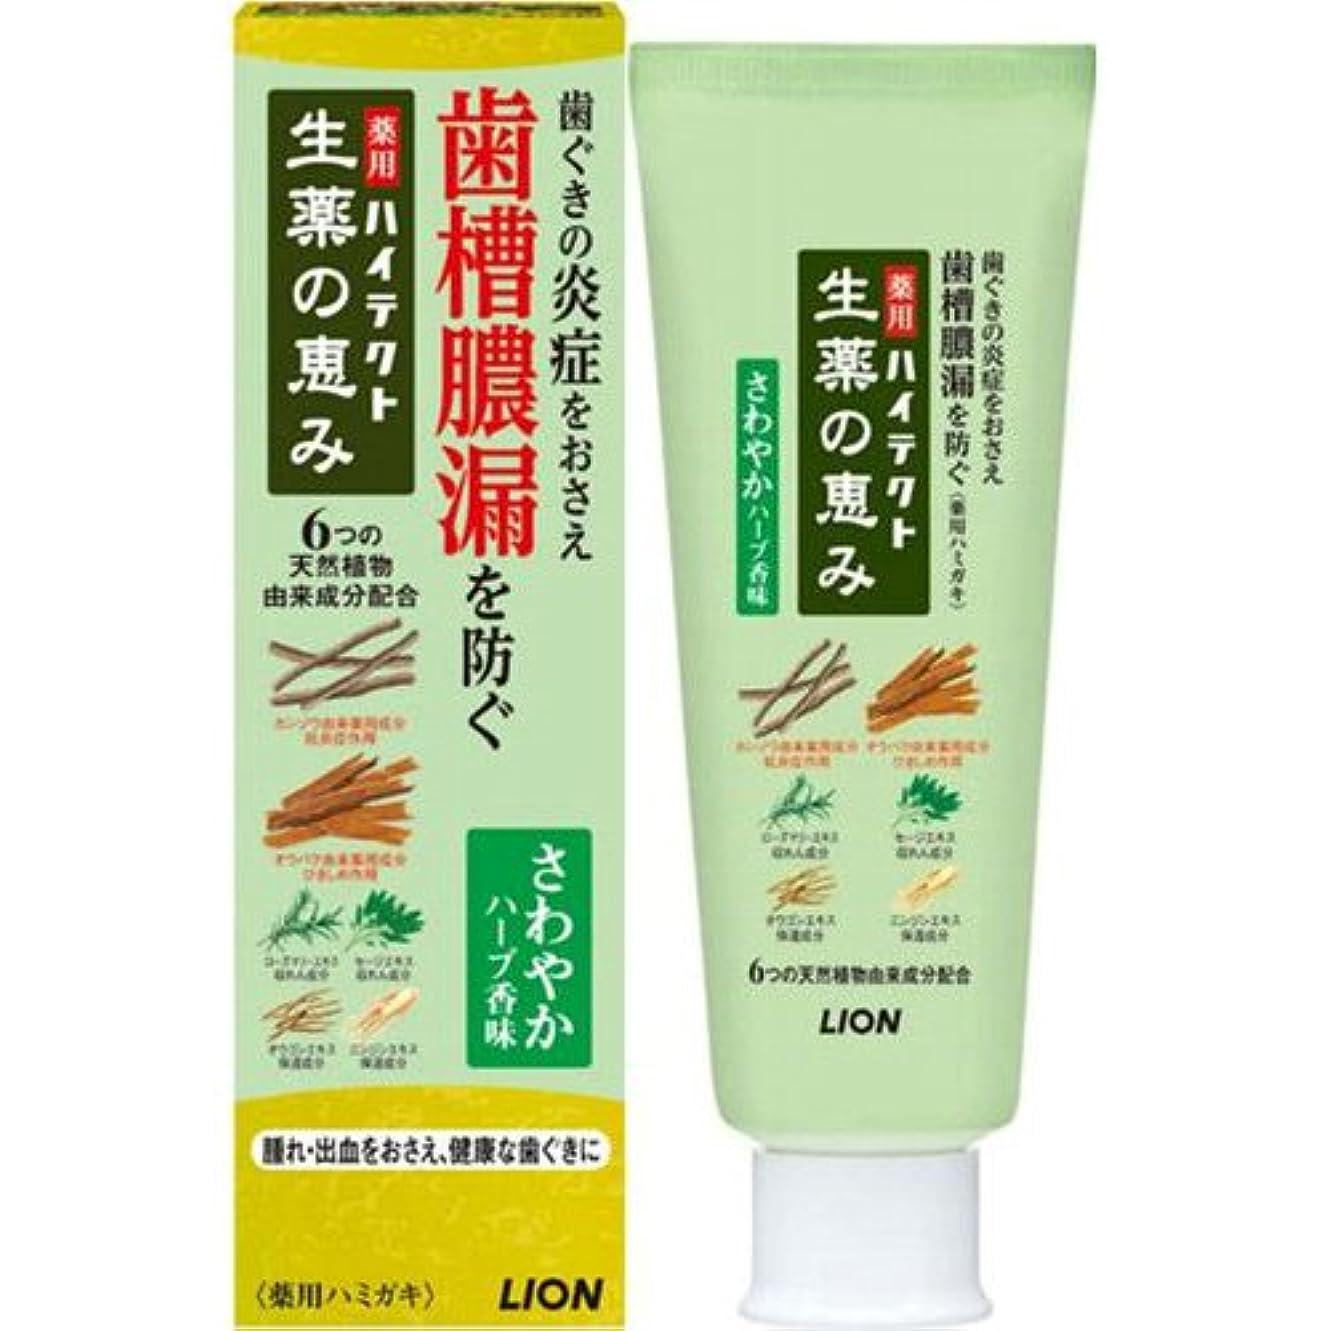 一時停止ガジュマル抗生物質【ライオン】ハイテクト 生薬の恵み さわやかハーブ香味 90g ×3個セット